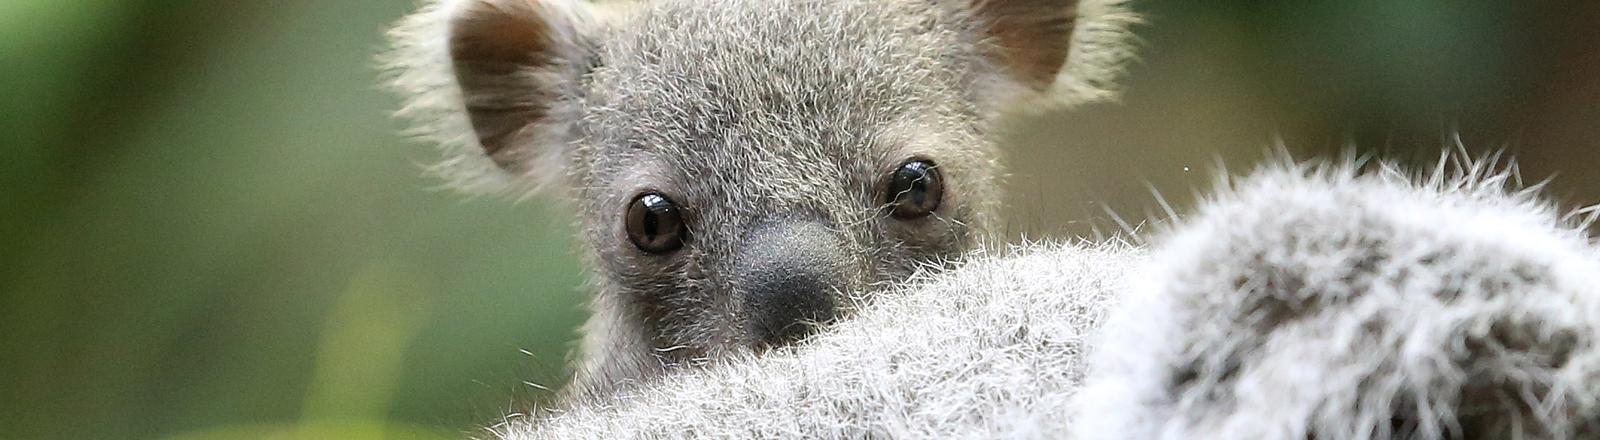 Das rund sechs Monate alte noch namenlose Koala Baby sitzt am 22.01.2014 im Zoo in Duisburg auf dem Kopf seiner Mutter